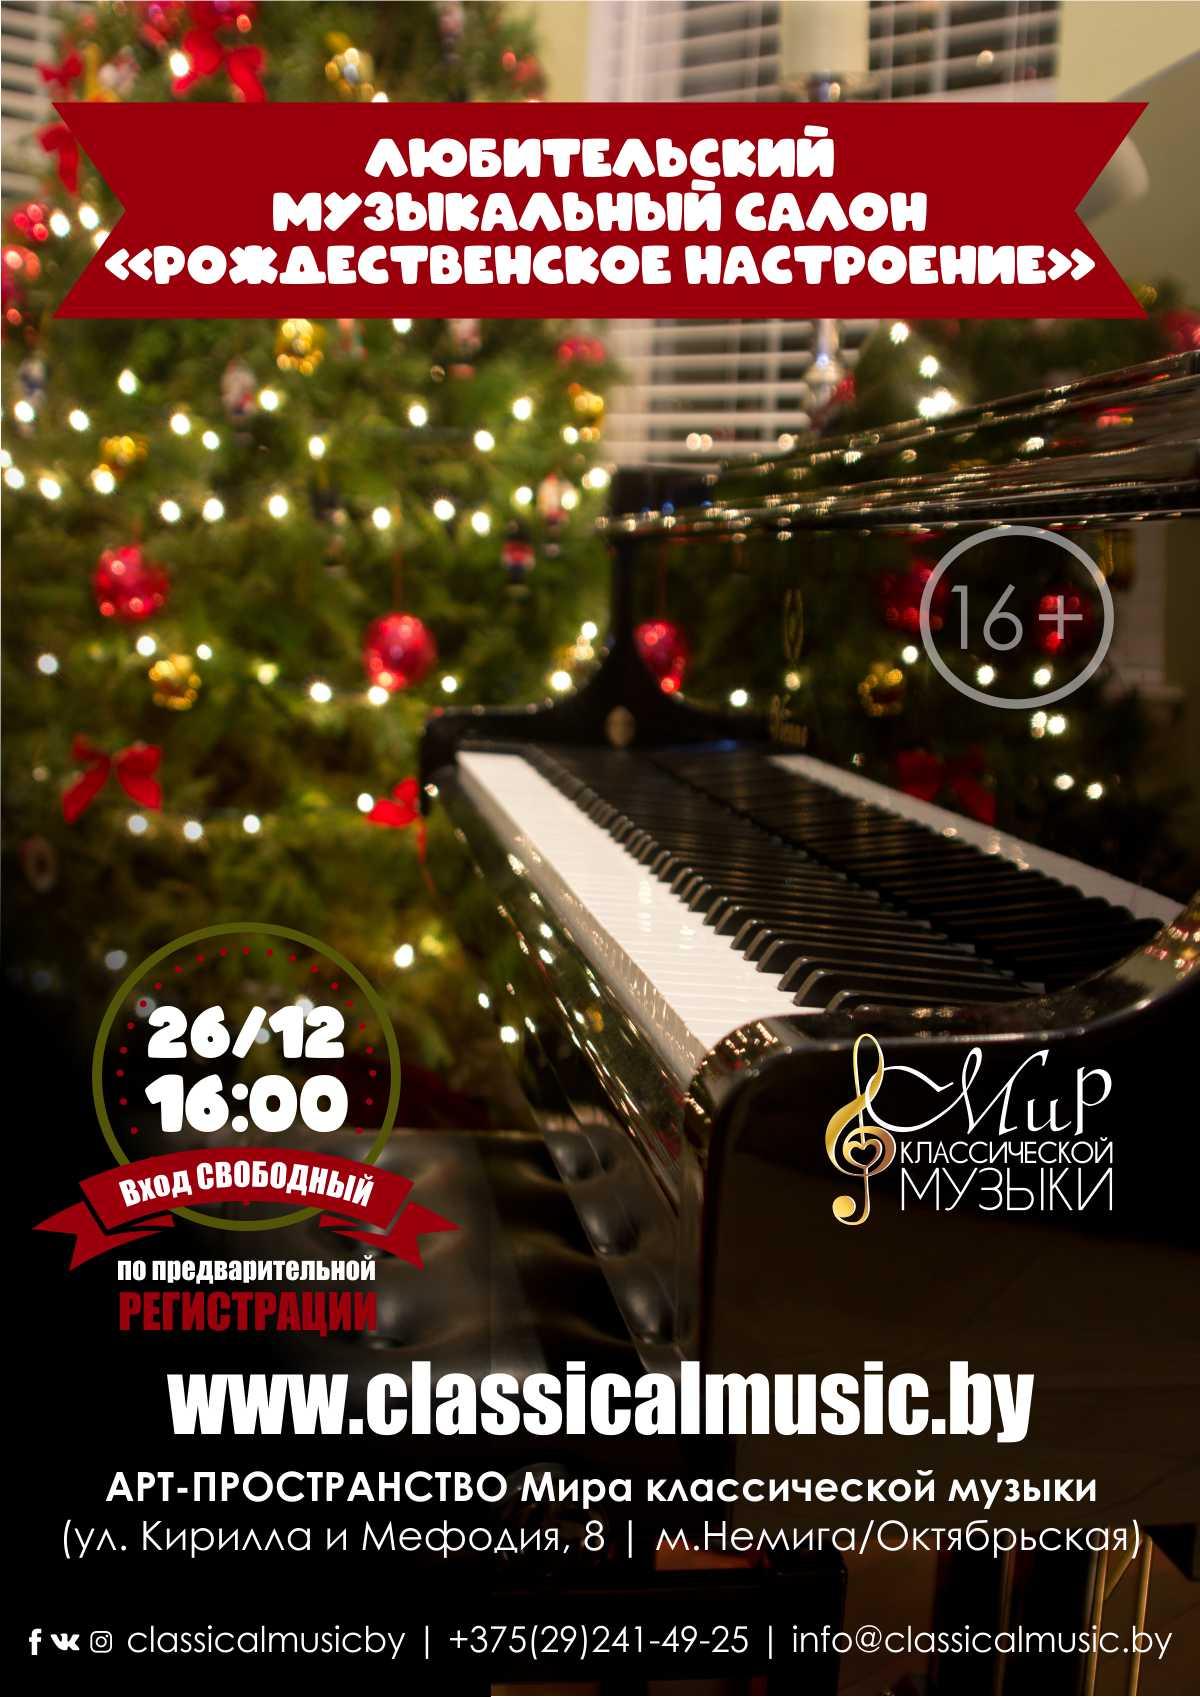 26.12 Любительски музыкальный салон: Рождественское настроение